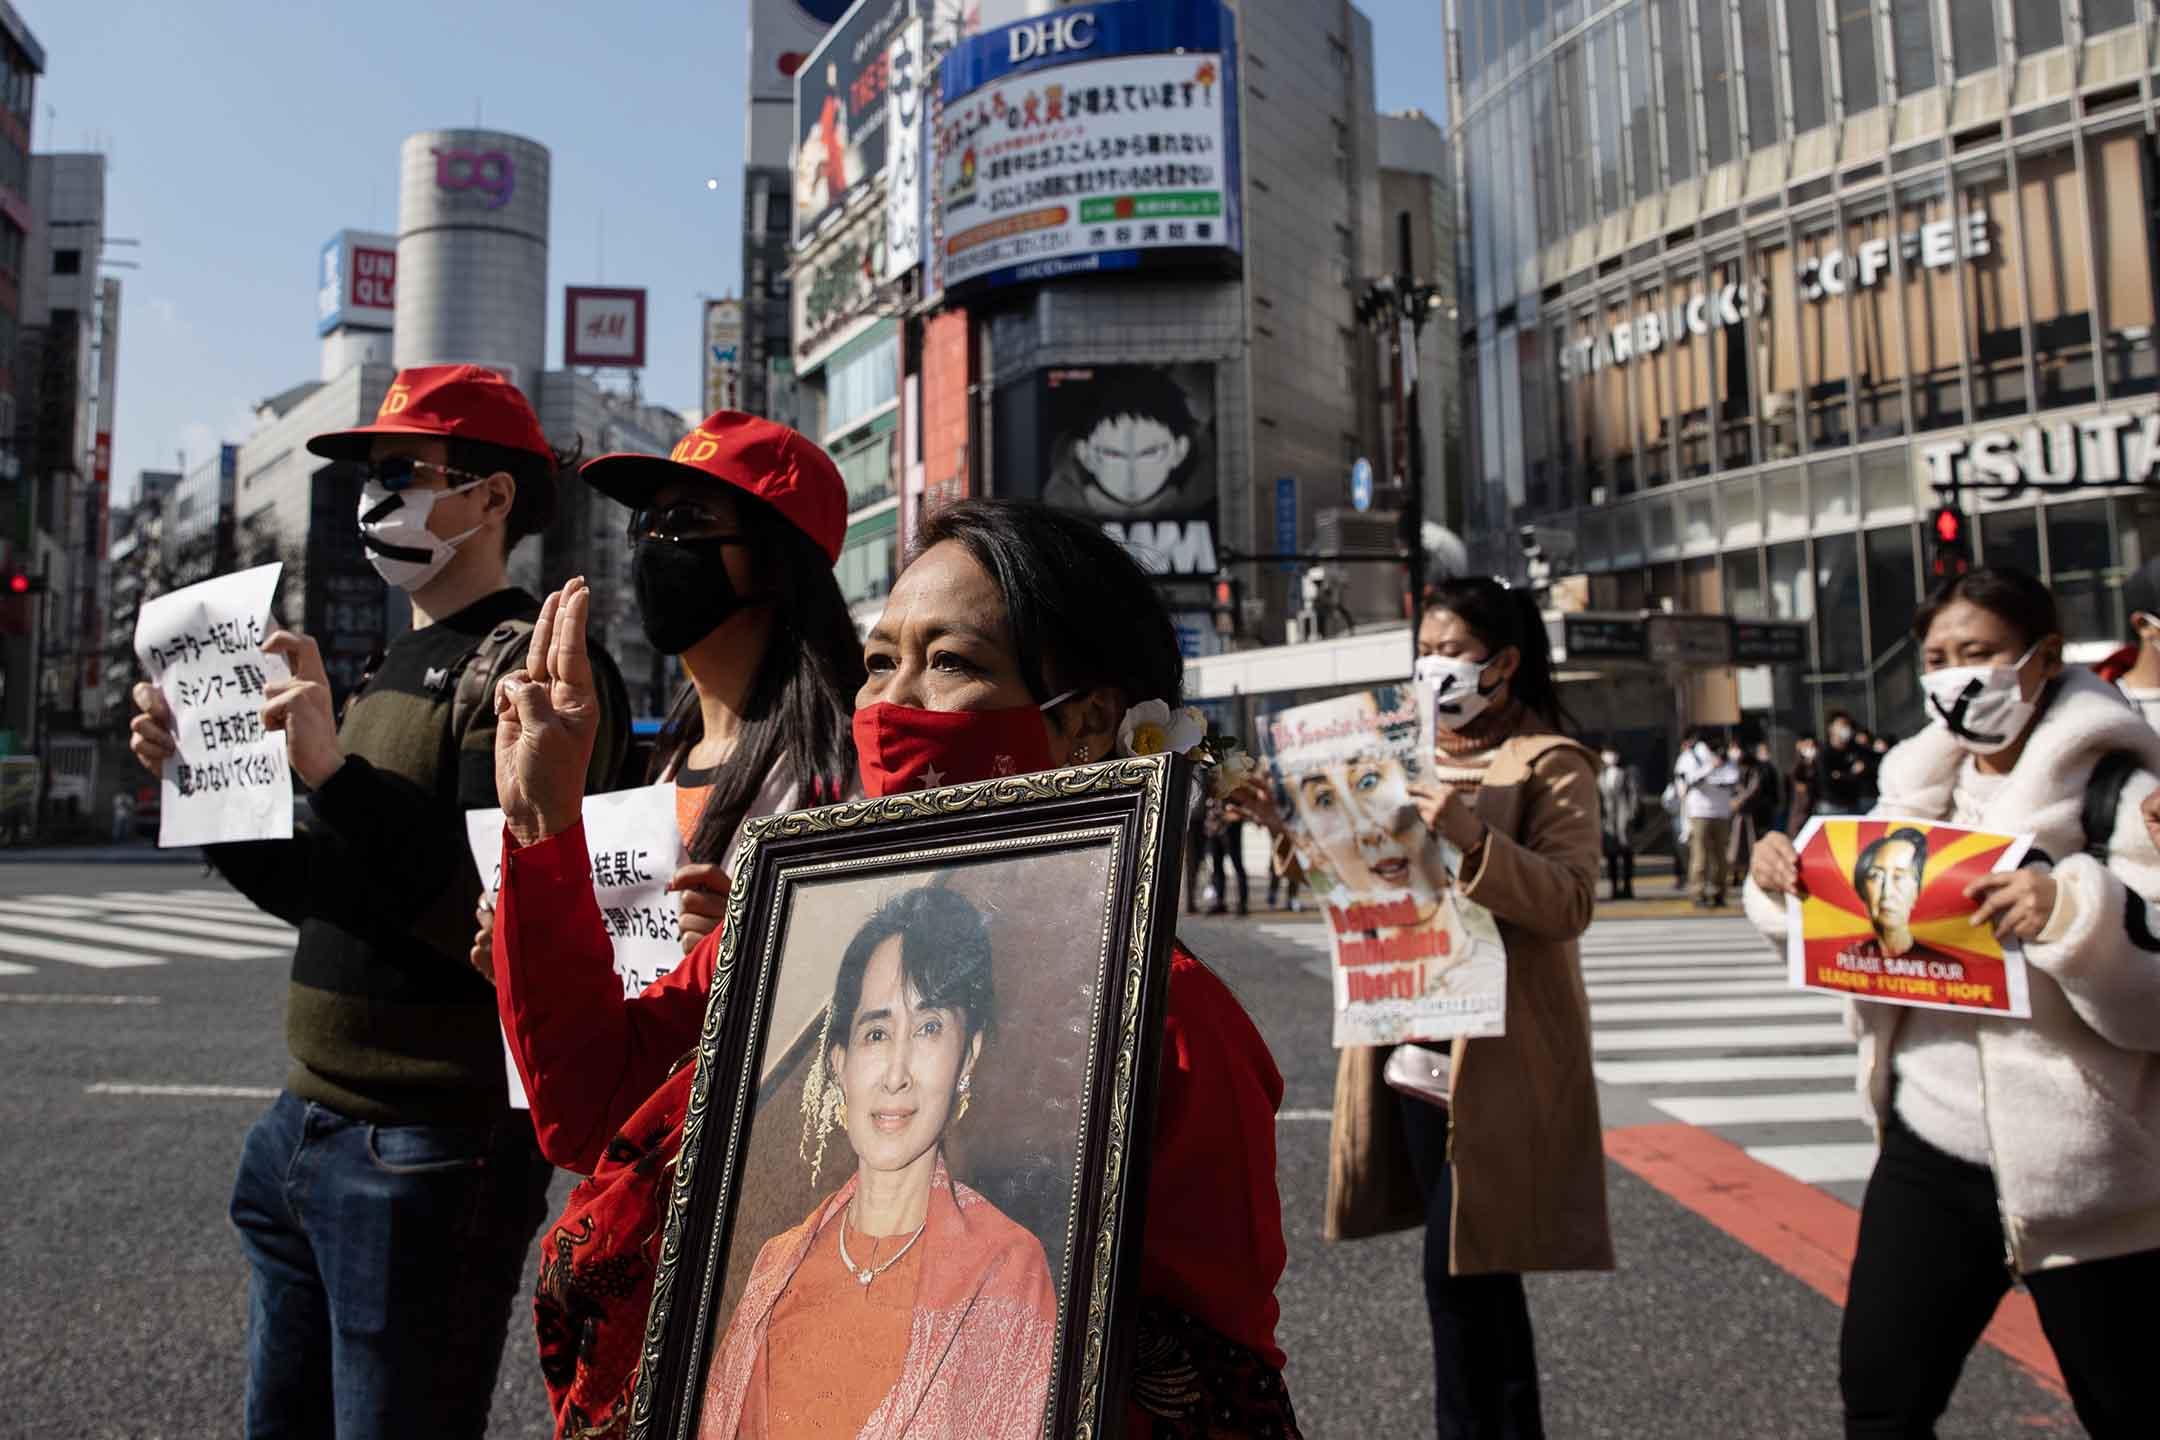 2021年2月14日東京,反對緬甸軍事政變的示威者在日本街頭示威。